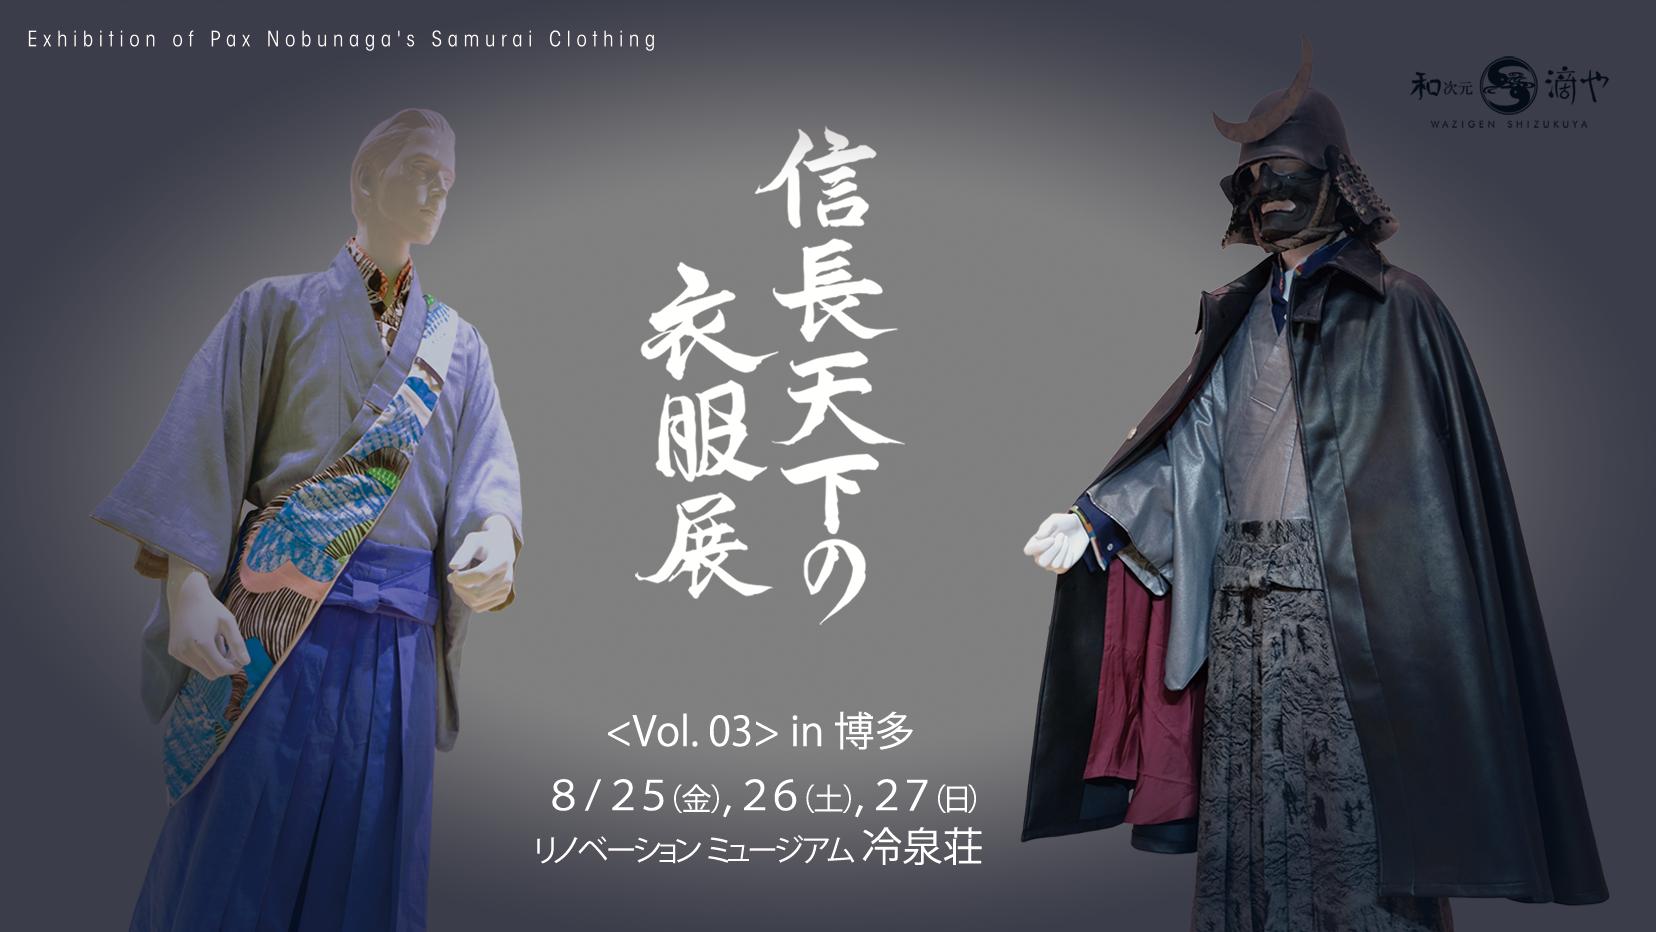 信長天下の衣服展 <Vol. 03> in 博多